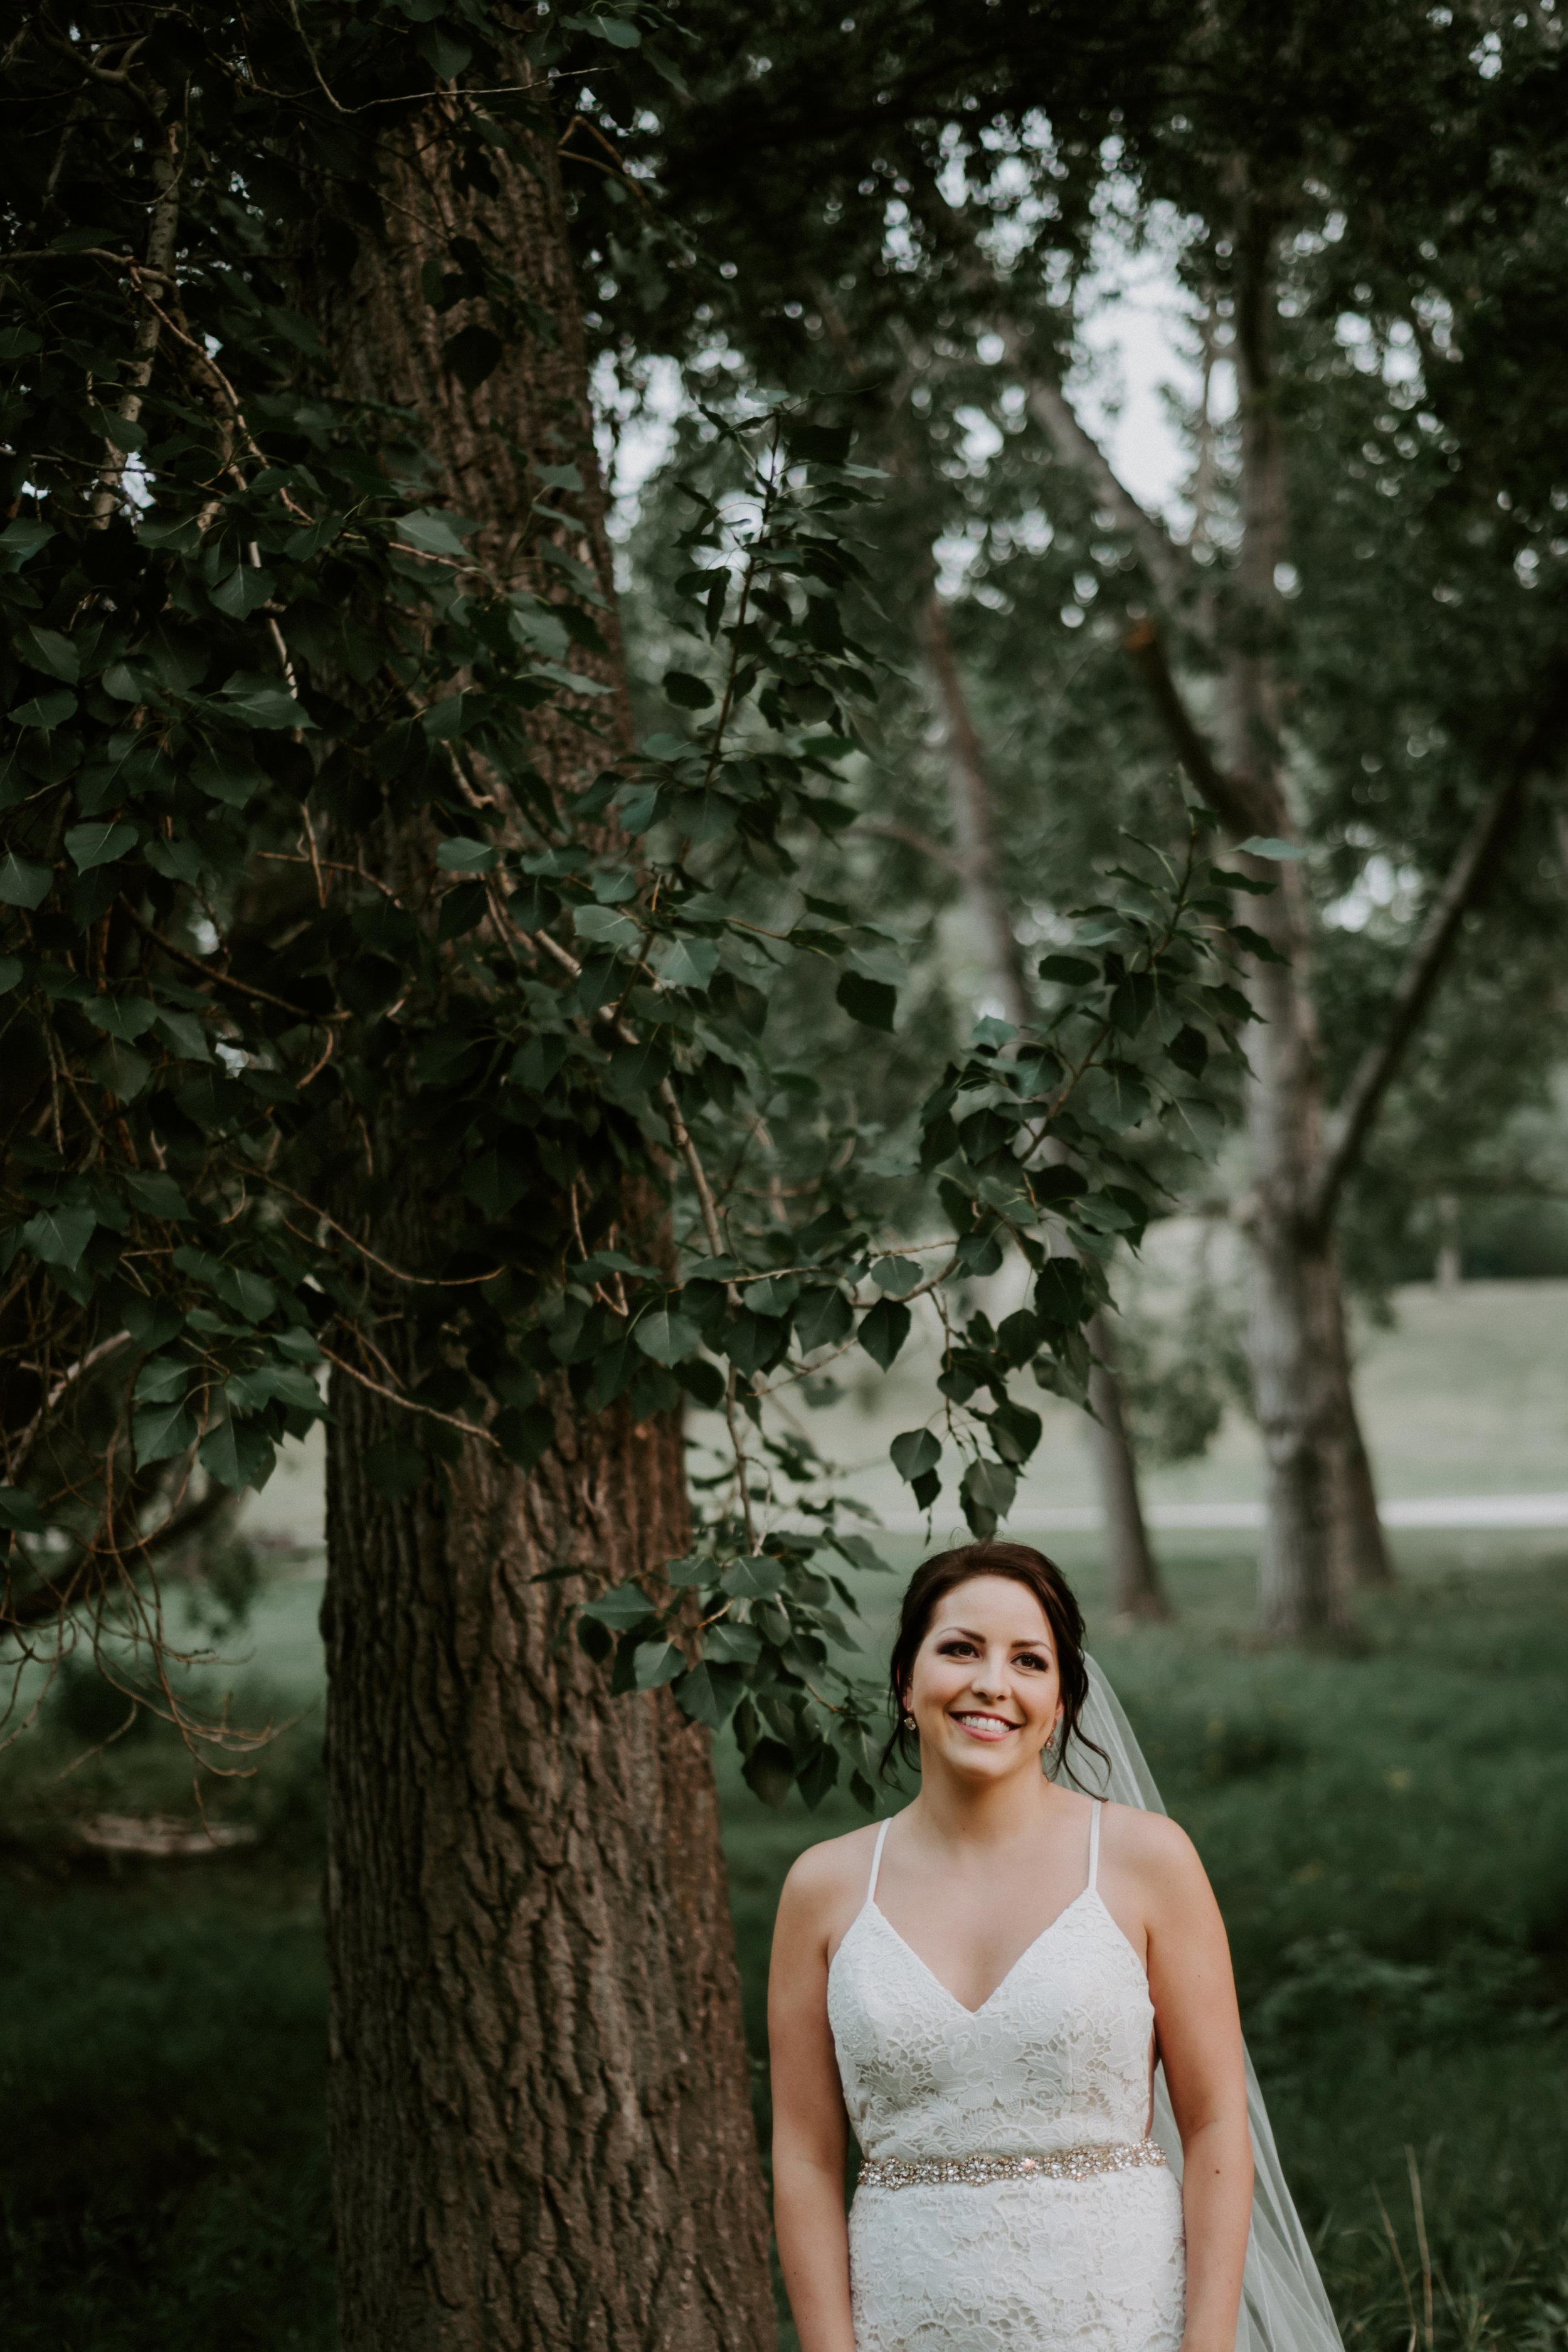 Calgary Wedding Photographer - 57 of 84.jpg